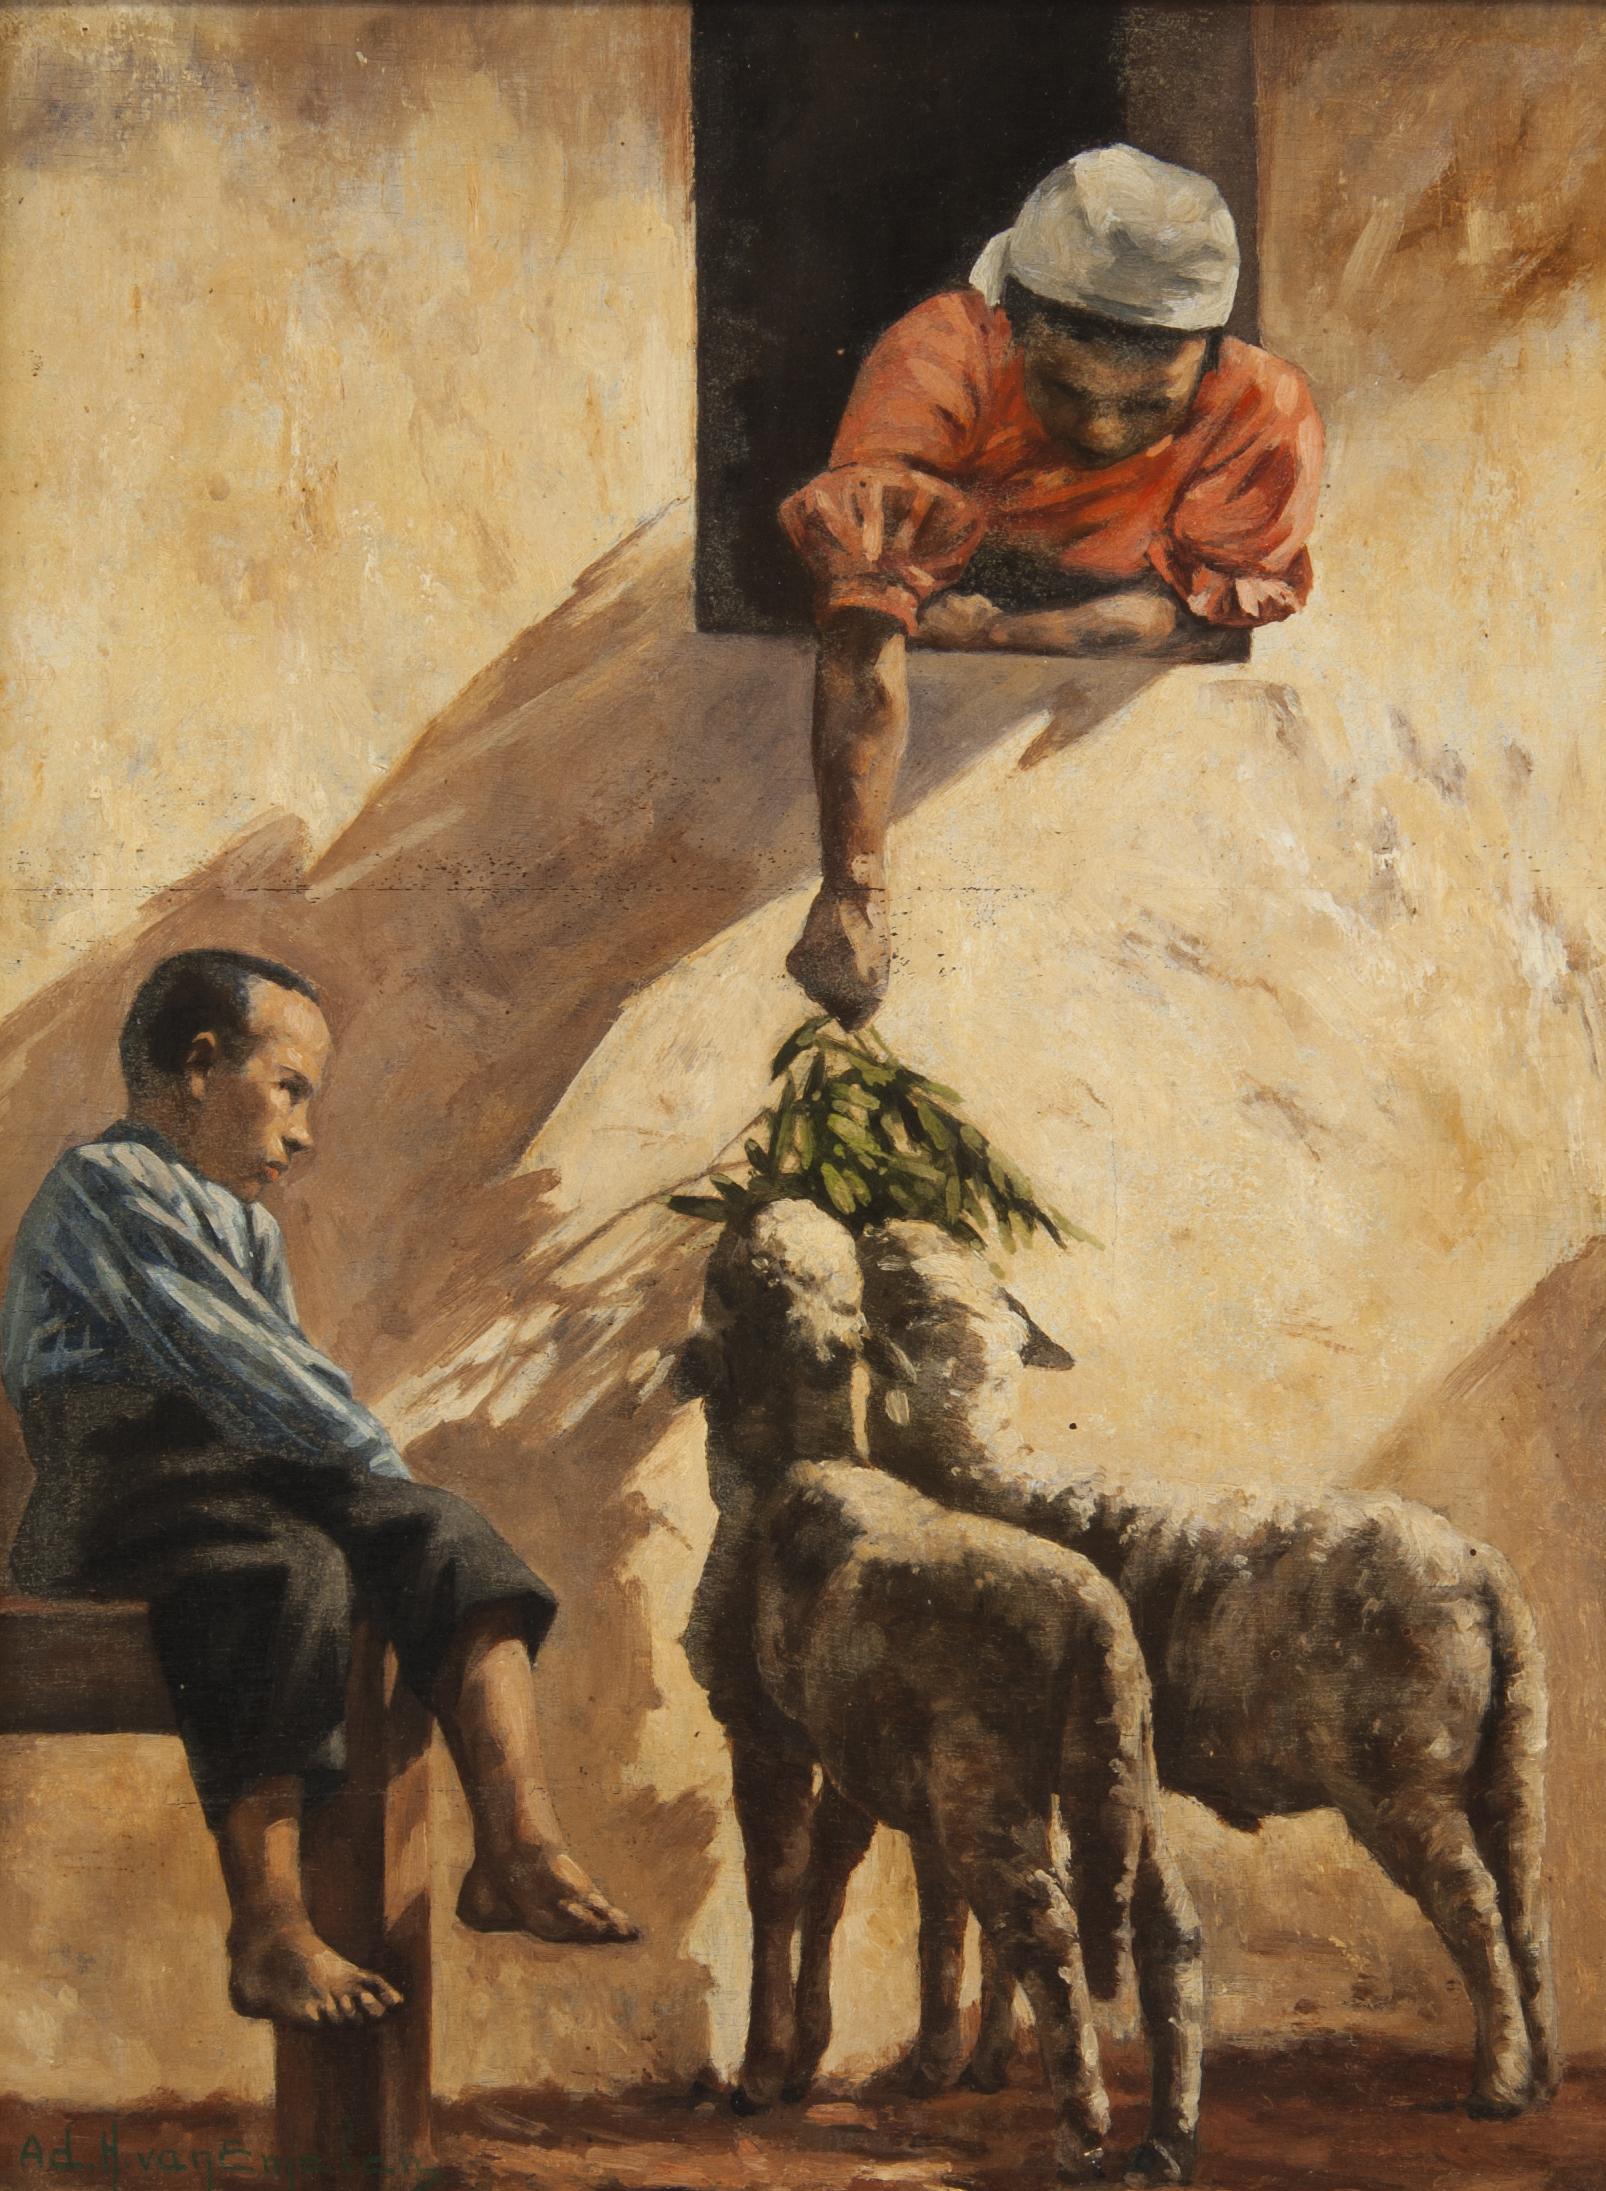 Mulher na Janela Alimentando Cordeiros, Menino Sentado numa Banqueta